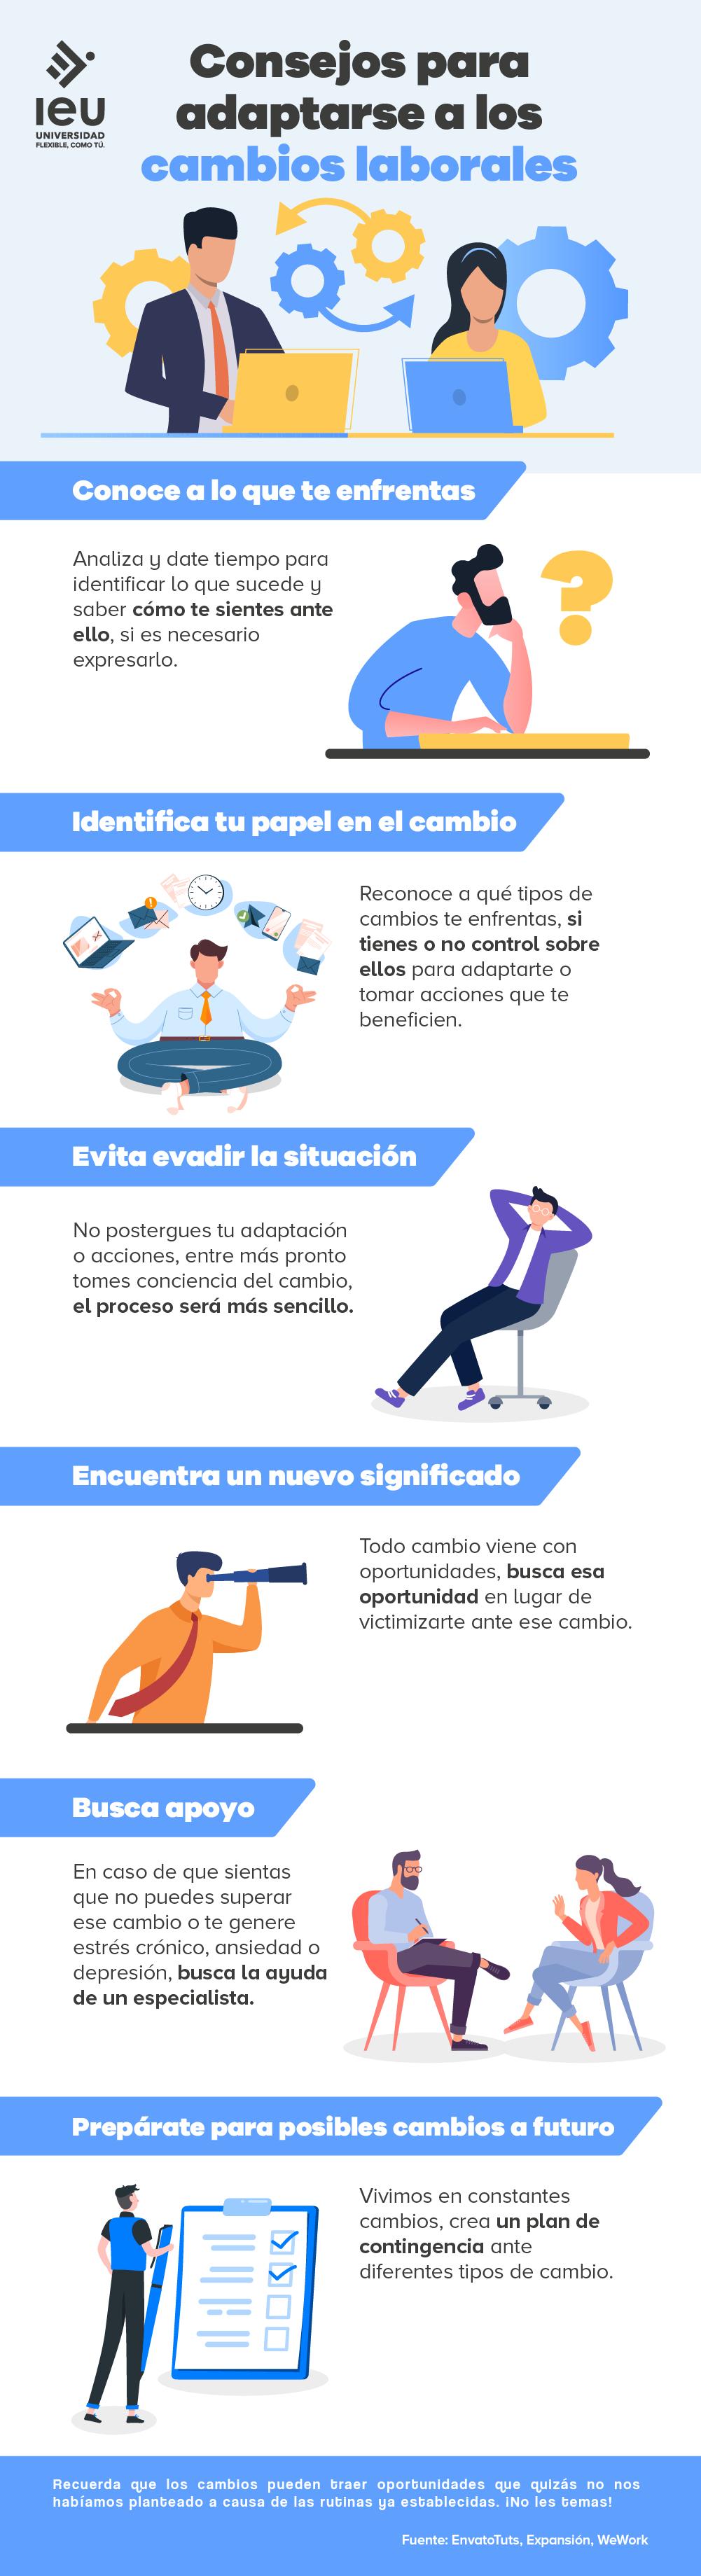 consejos para adaptarse a los cambios laborales infografia